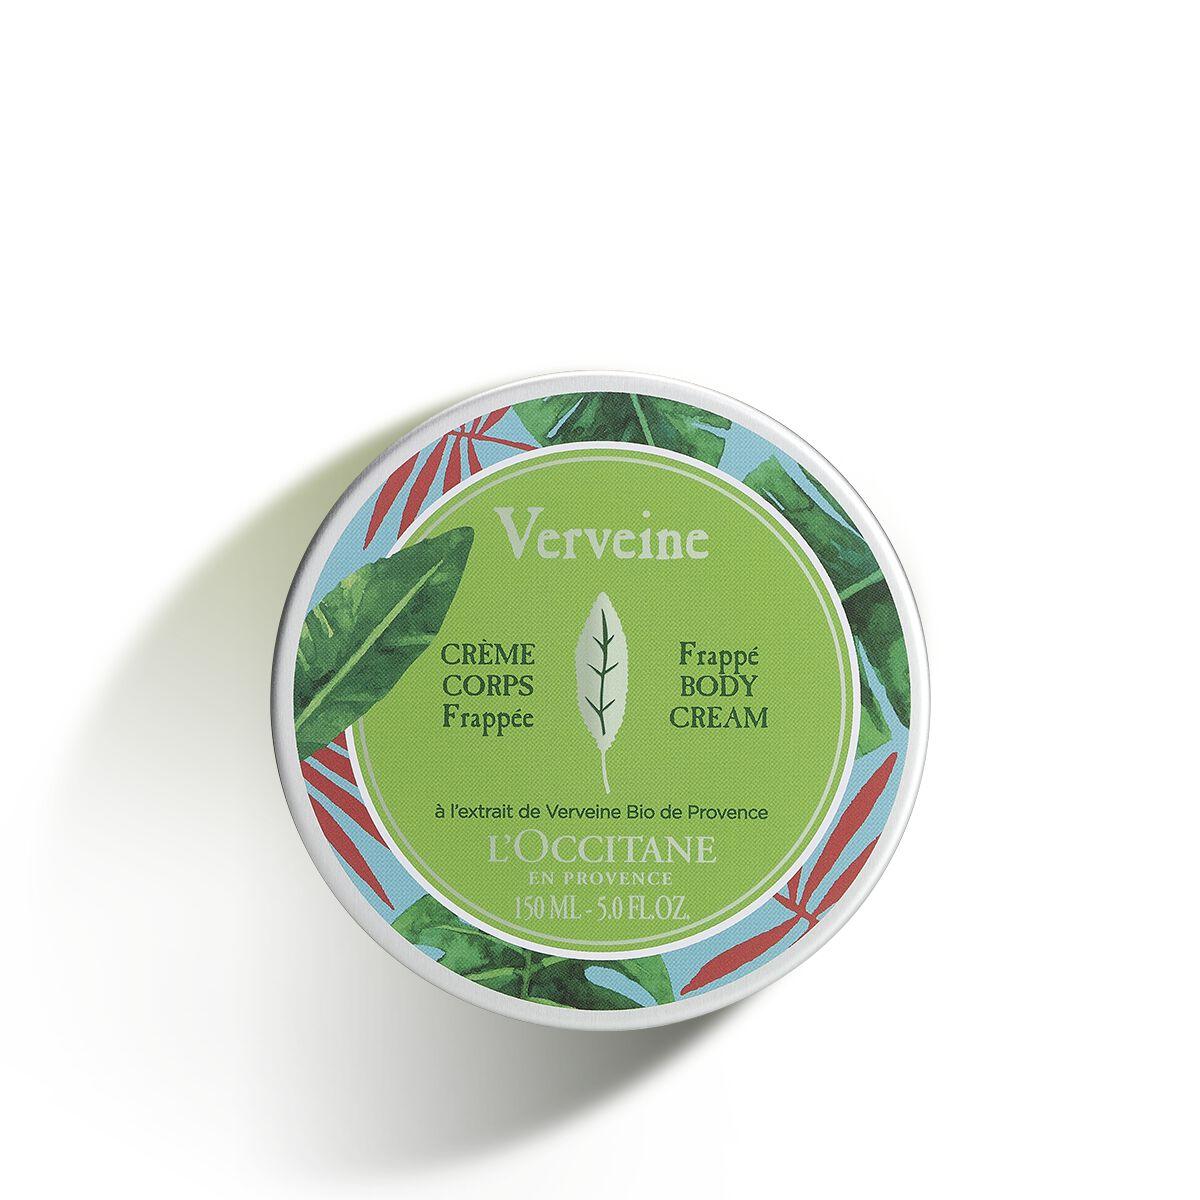 Verbena Frappé Body Cream 5 fl. oz.